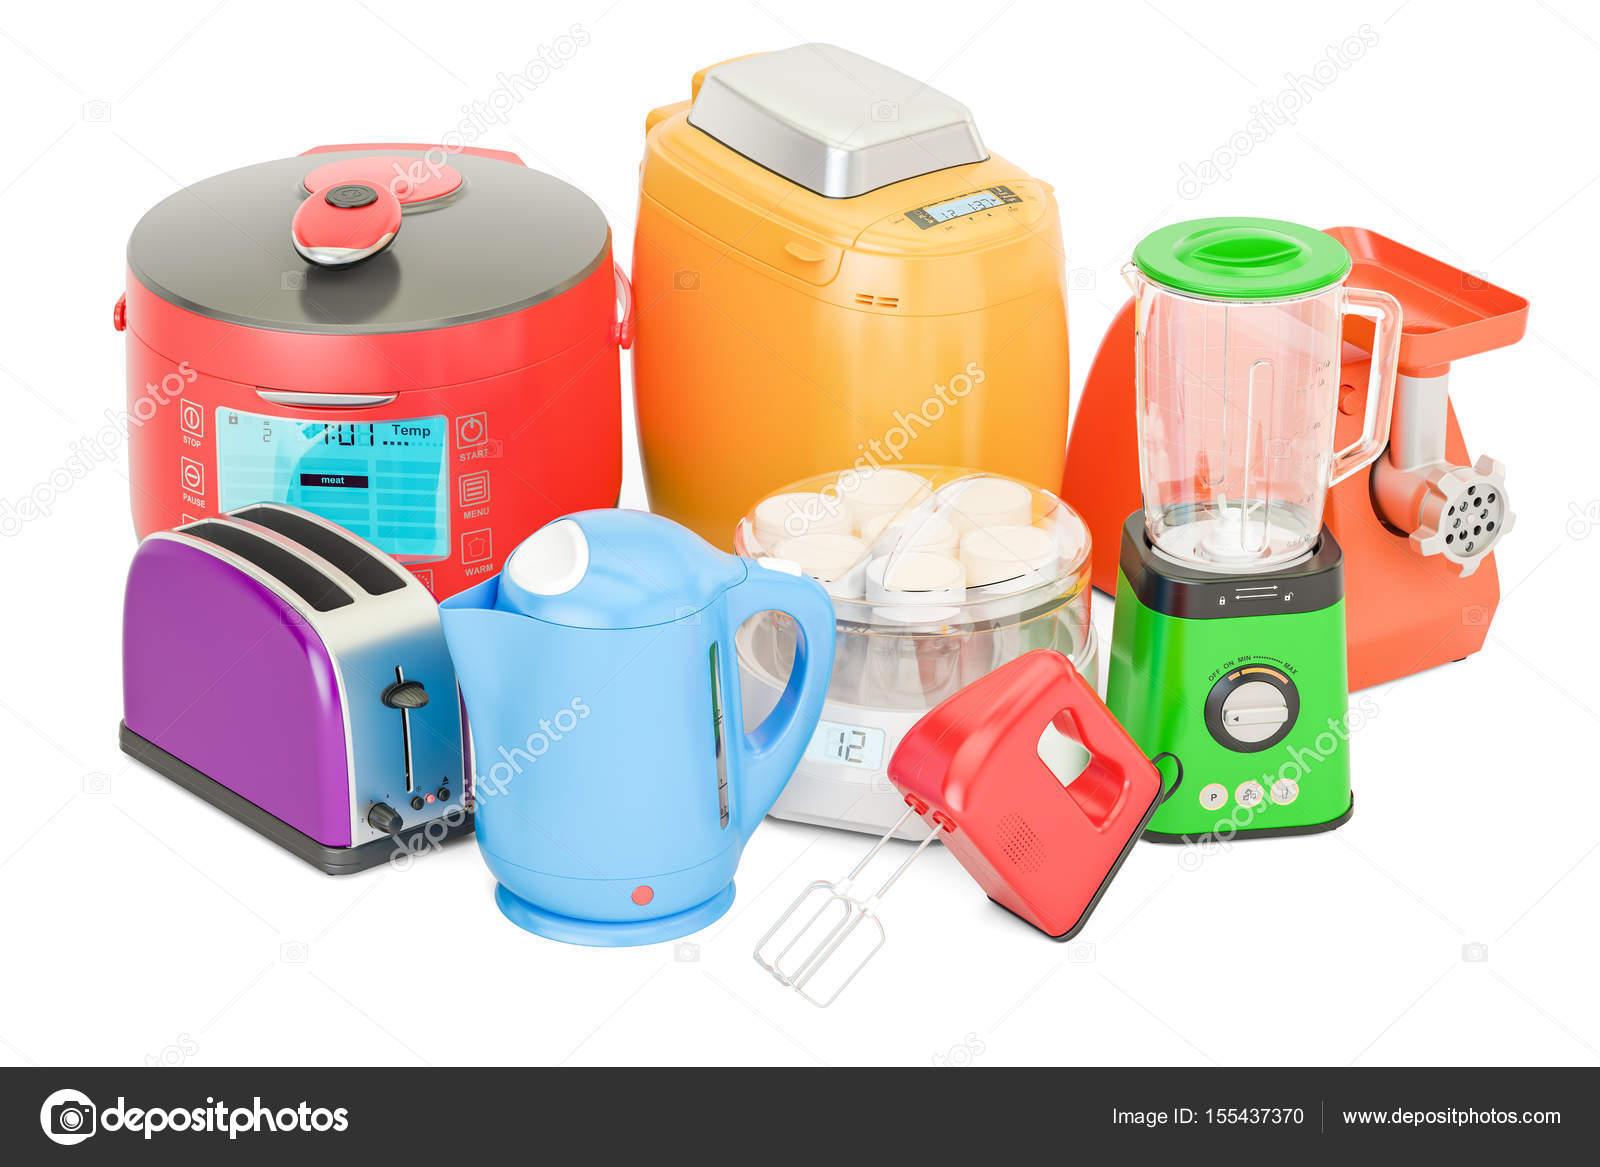 Automatische Mixer Keuken : Kleine mixer keuken u informatie over de keuken